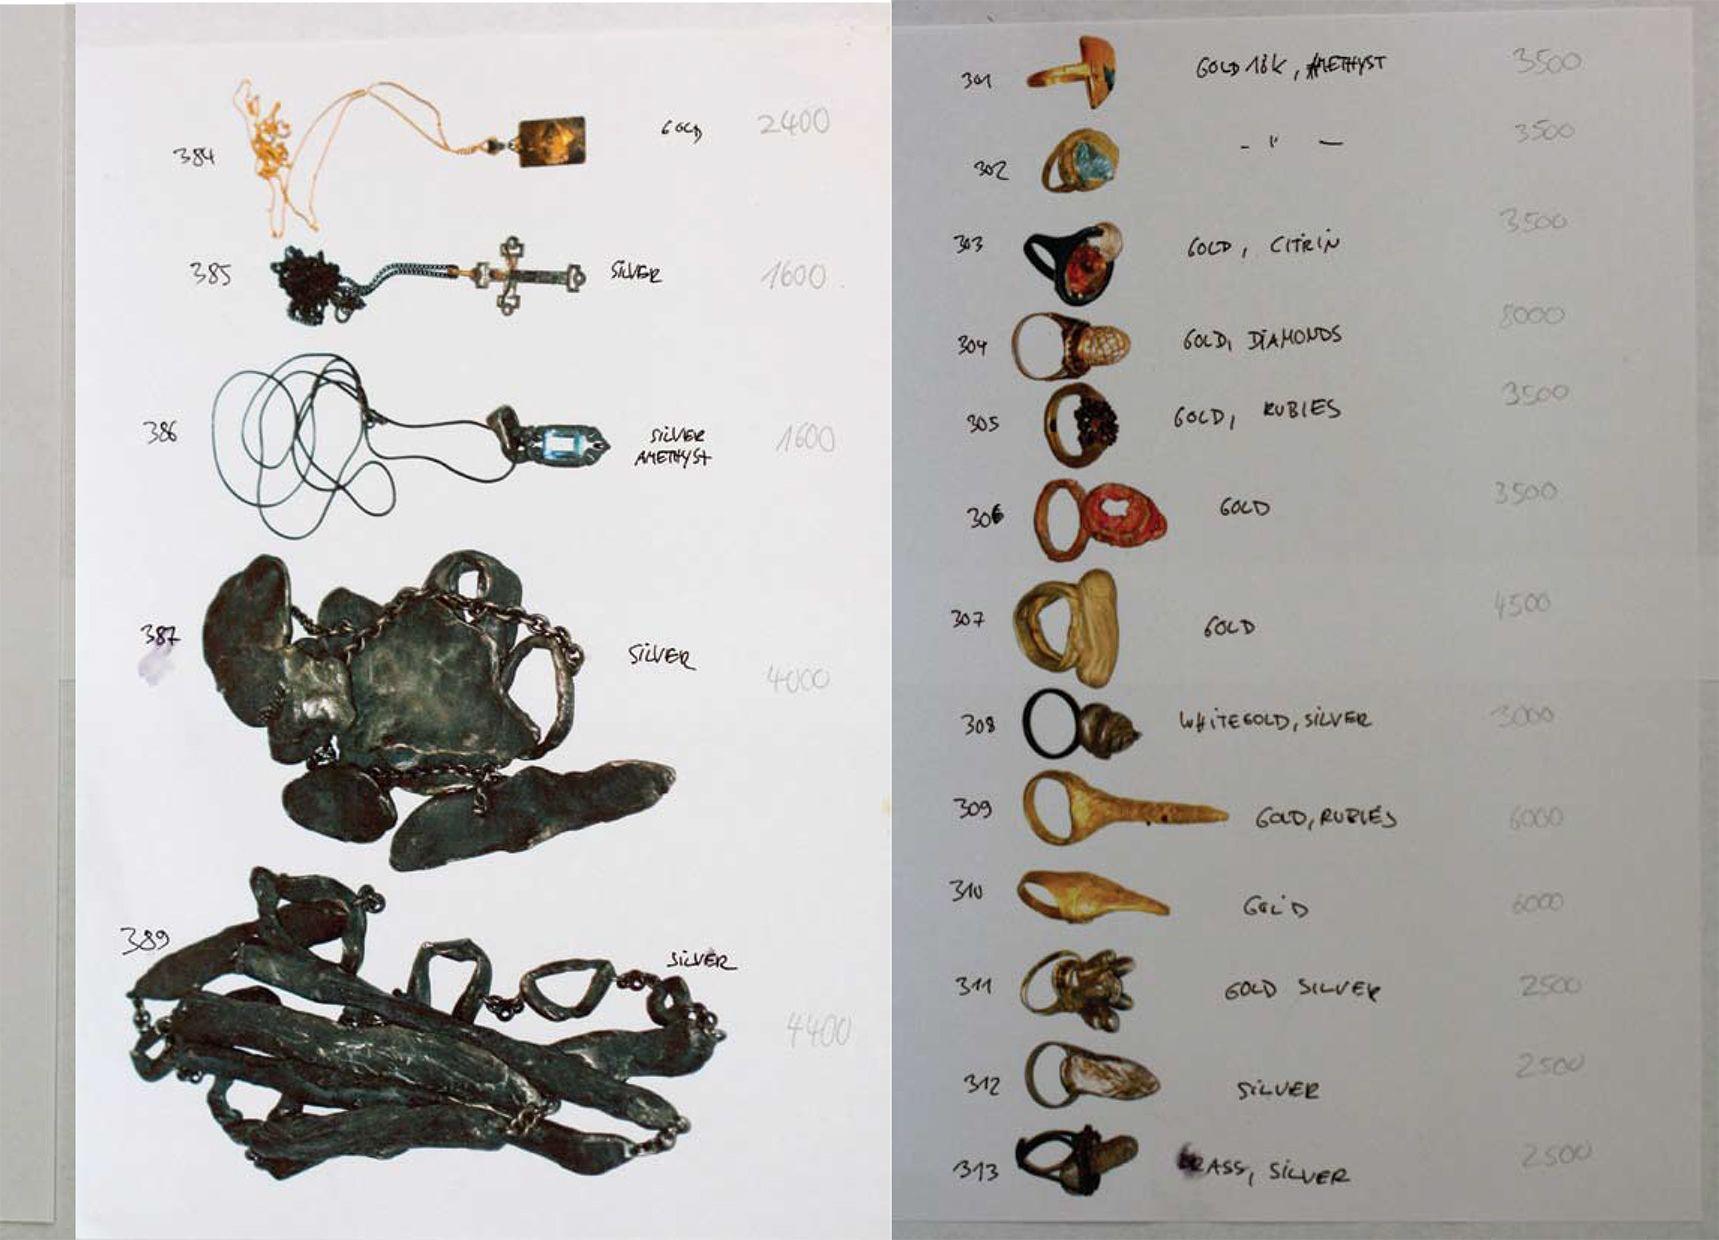 Karl Karl Fritsch, Ninkern catalog